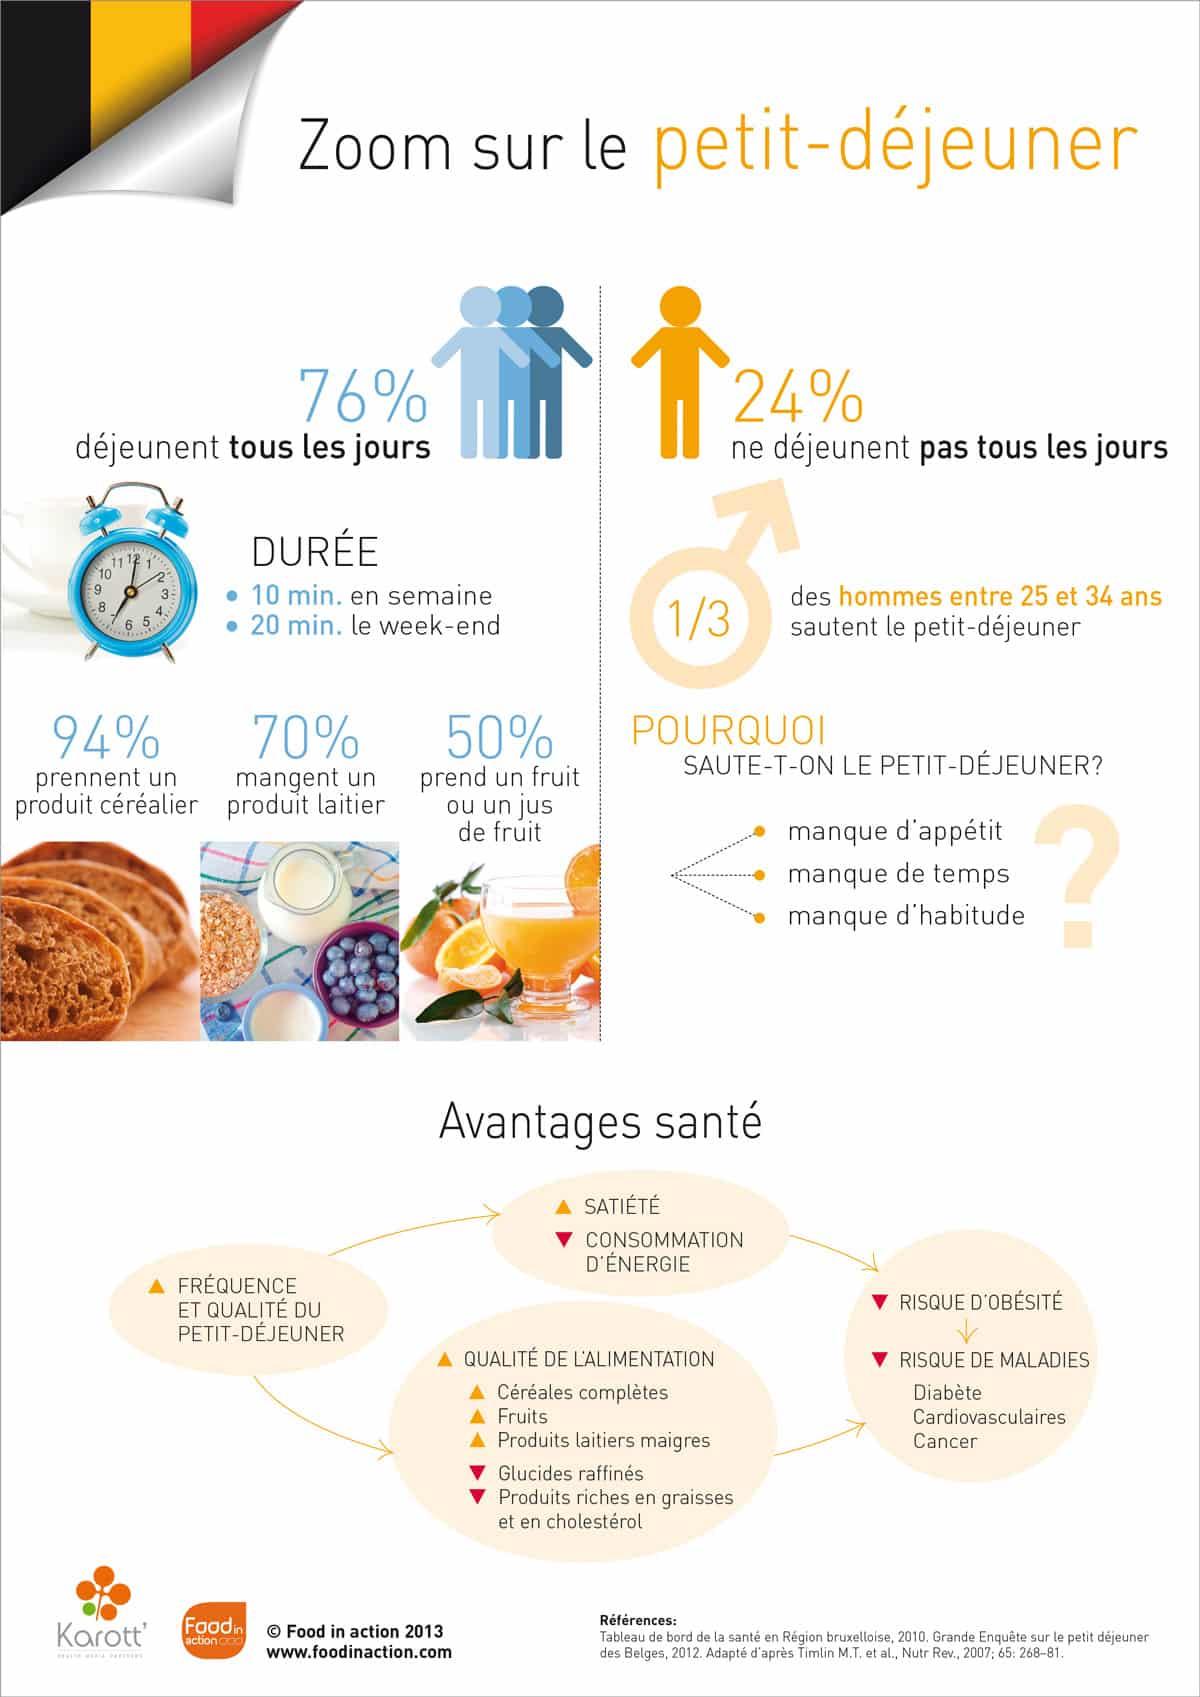 nutrigraphics-zoom-petit-dejeuner